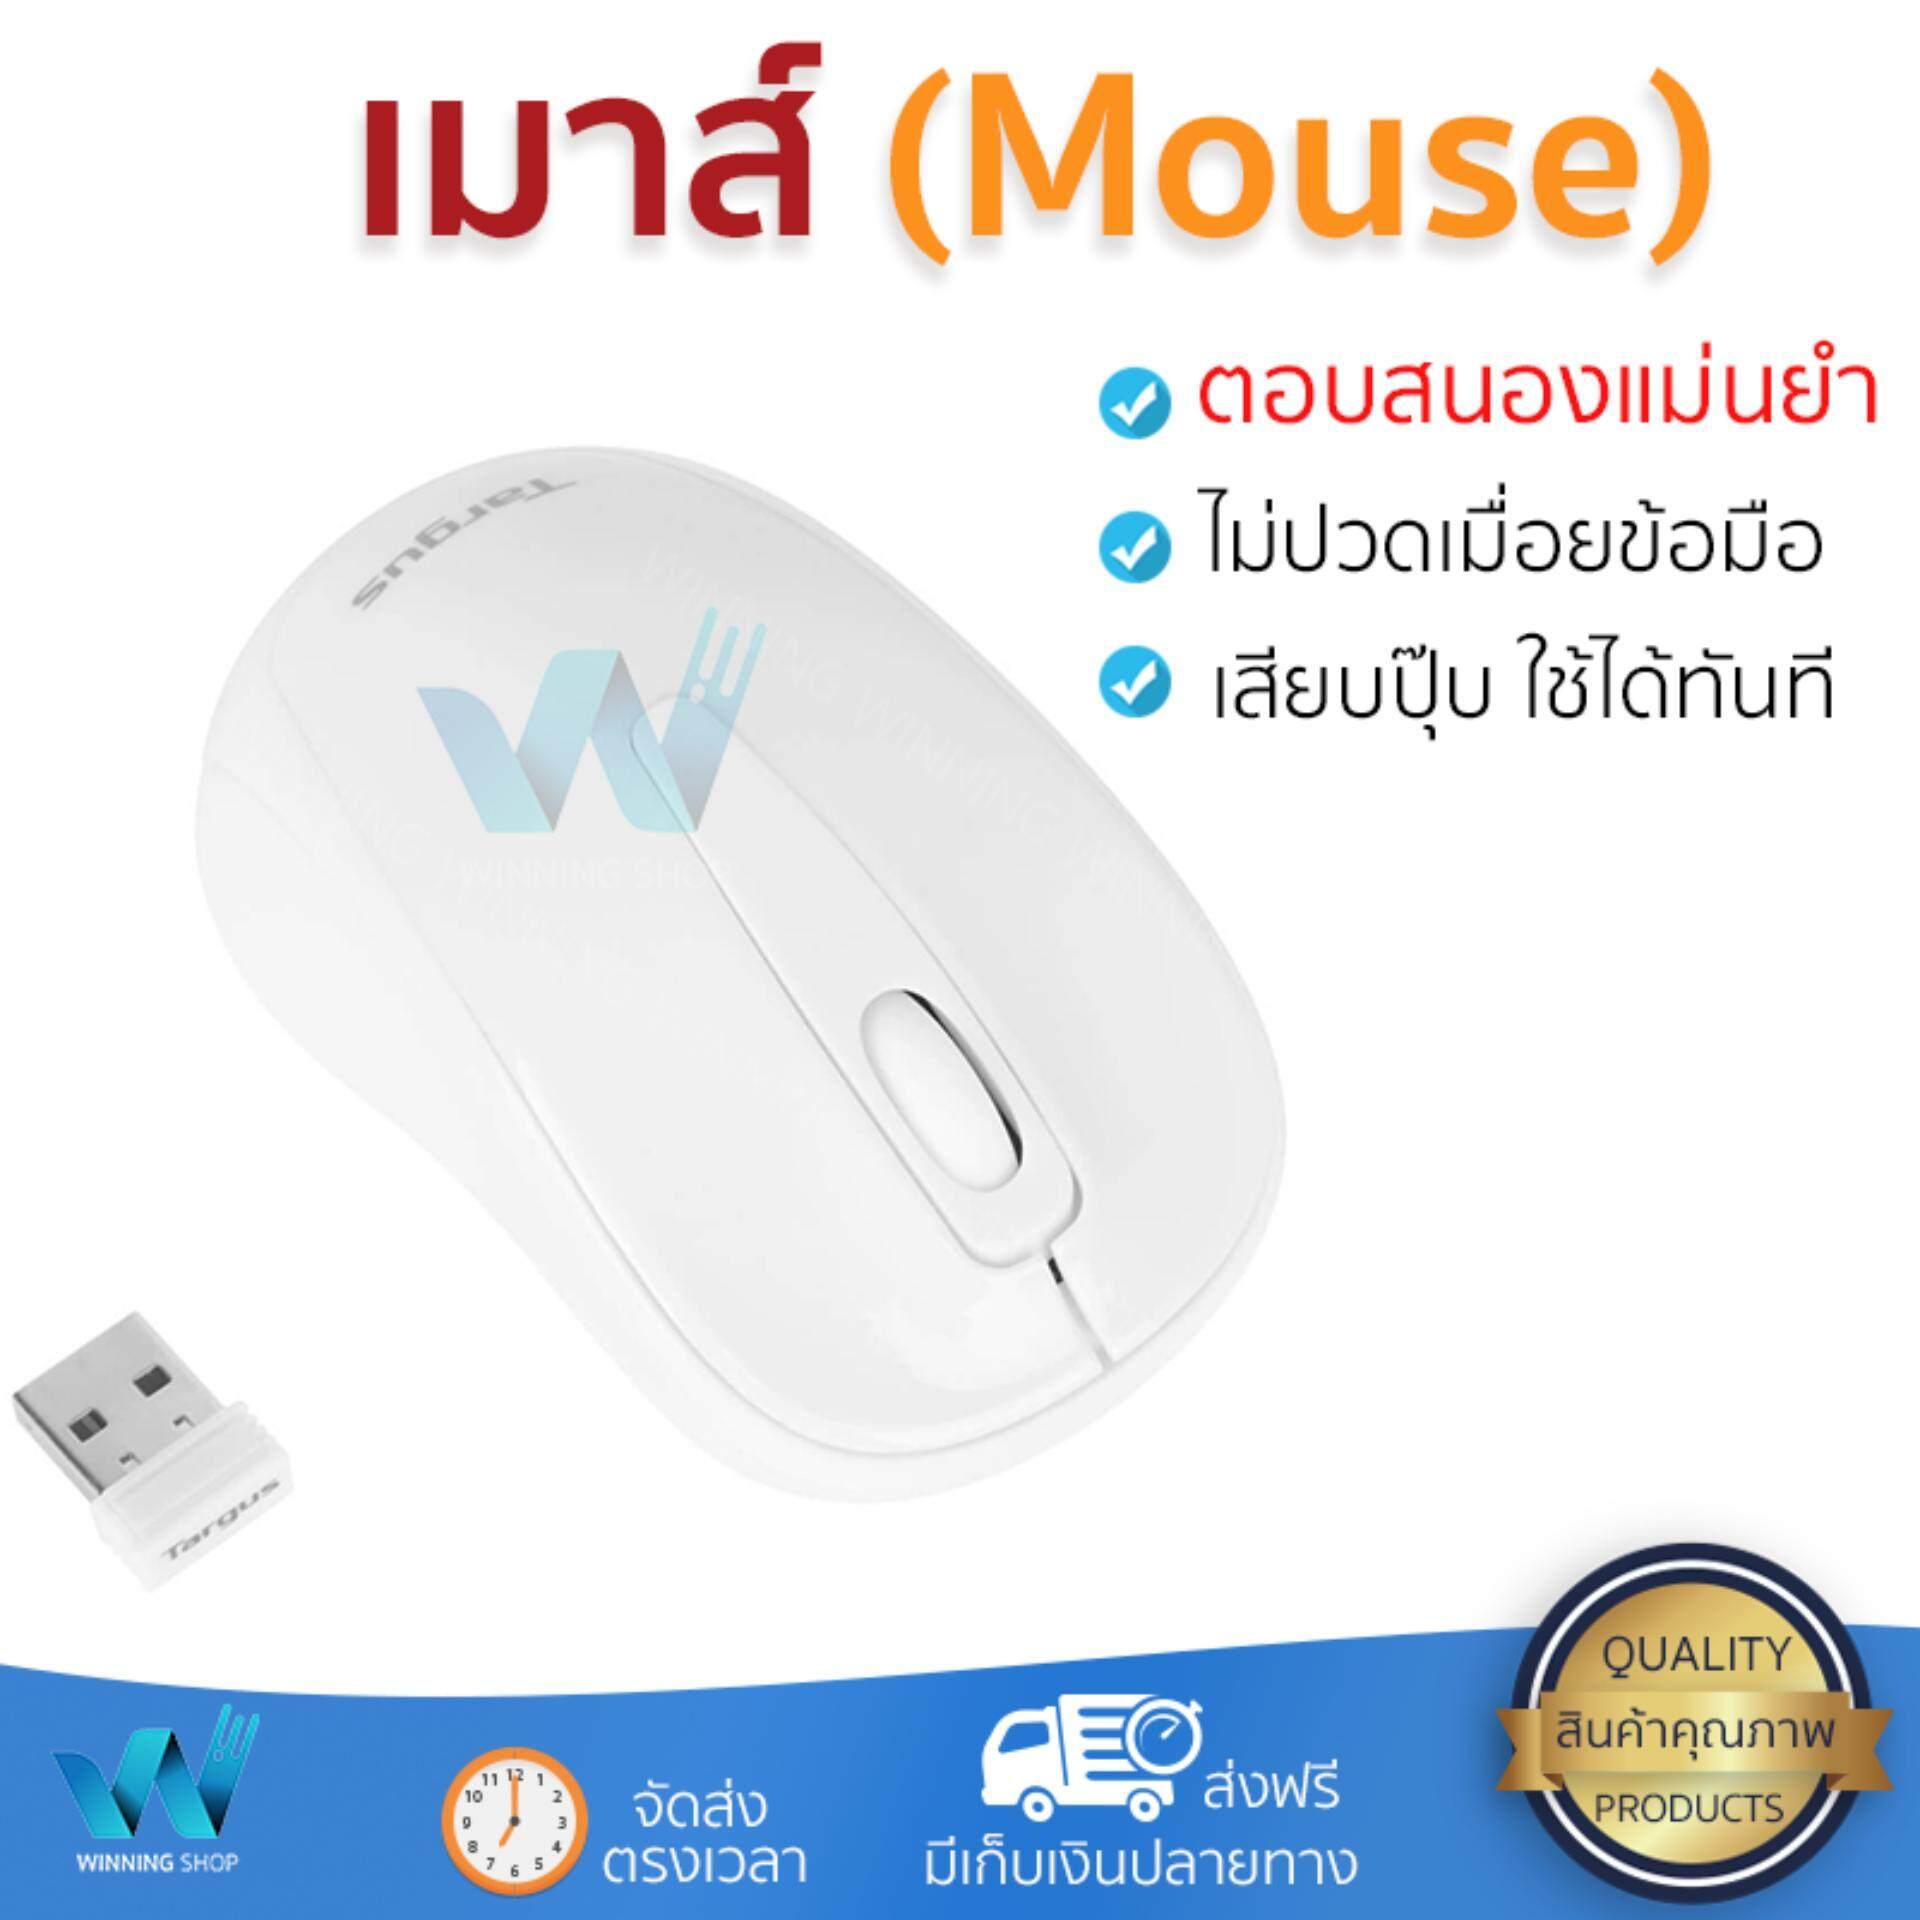 เก็บเงินปลายทางได้ รุ่นใหม่ล่าสุด เมาส์           TARGUS เมาส์ไร้สาย (สีขาว) รุ่น AMW60001AP             เซนเซอร์คุณภาพสูง ทำงานได้ลื่นไหล ไม่มีสะดุด Computer Mouse  รับประกันสินค้า 1 ปี จัดส่งฟรี Ker